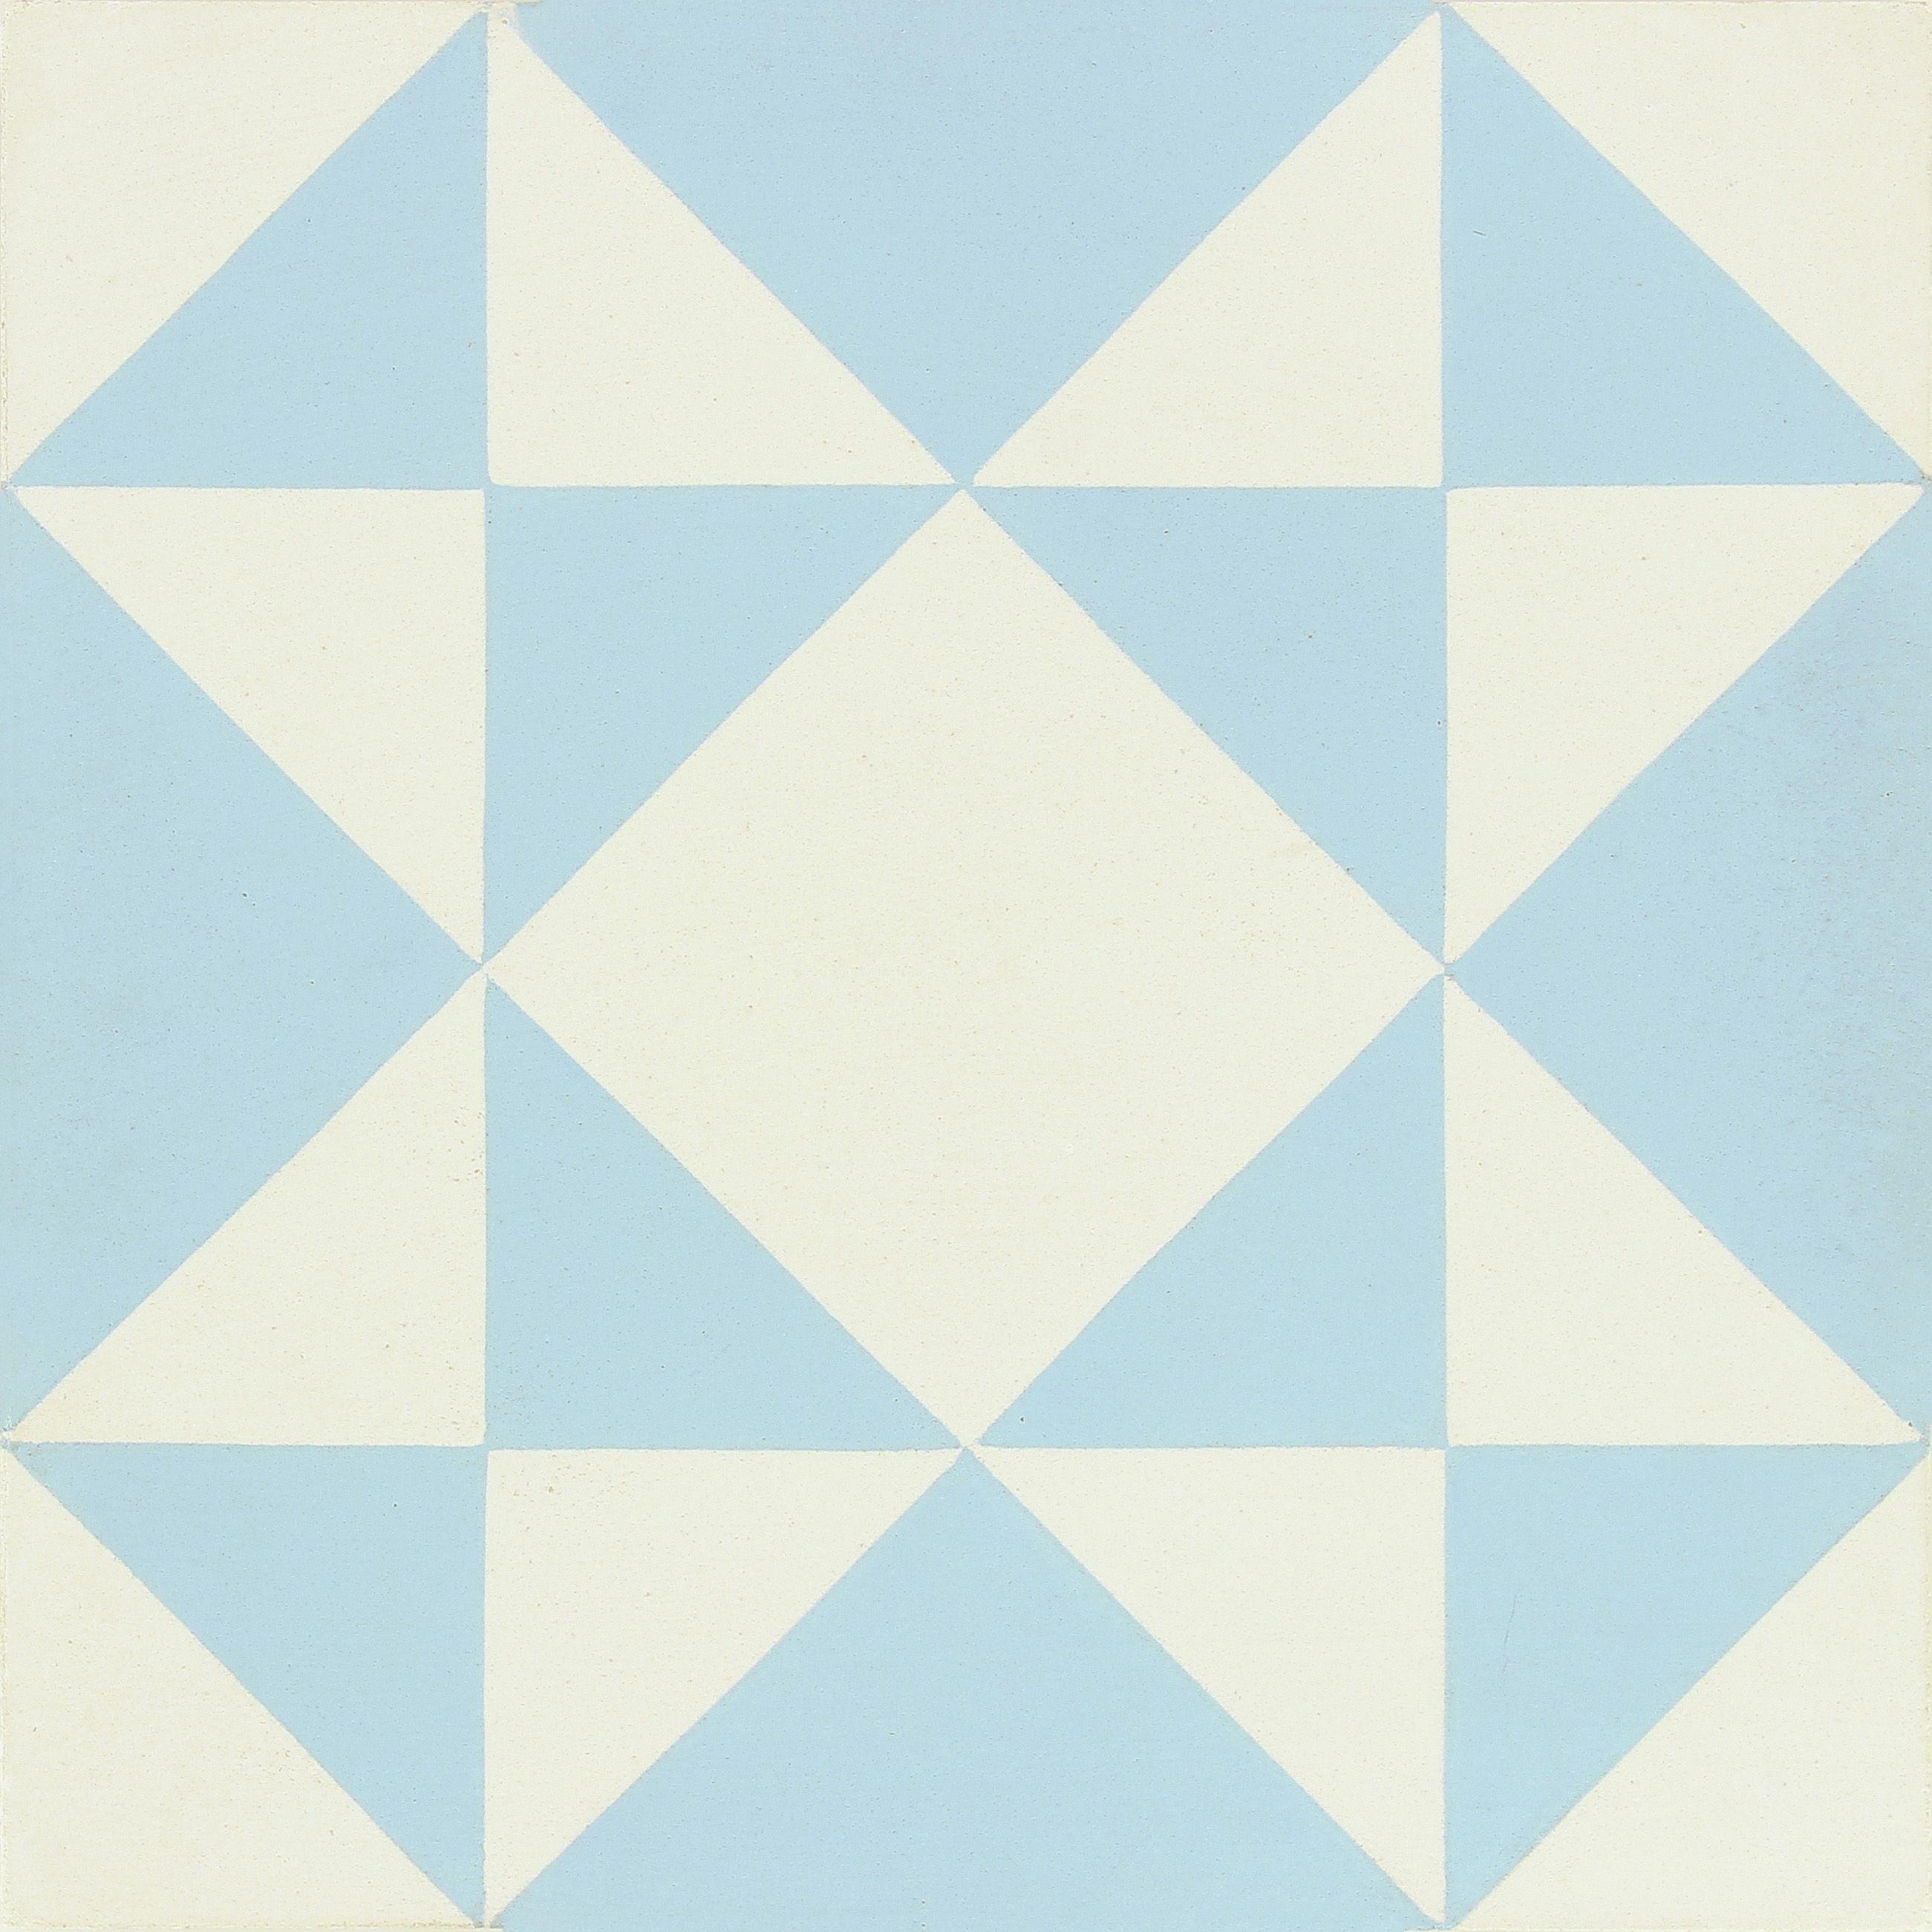 Carreau De Ciment Belle Epoque Decor Alix Bleu Et Blanc L 20 0 X L 20 0 Cm Leroymerlin Carreauxdeciment Carreau De Ciment Carreaux De Ciment Mural Carreau